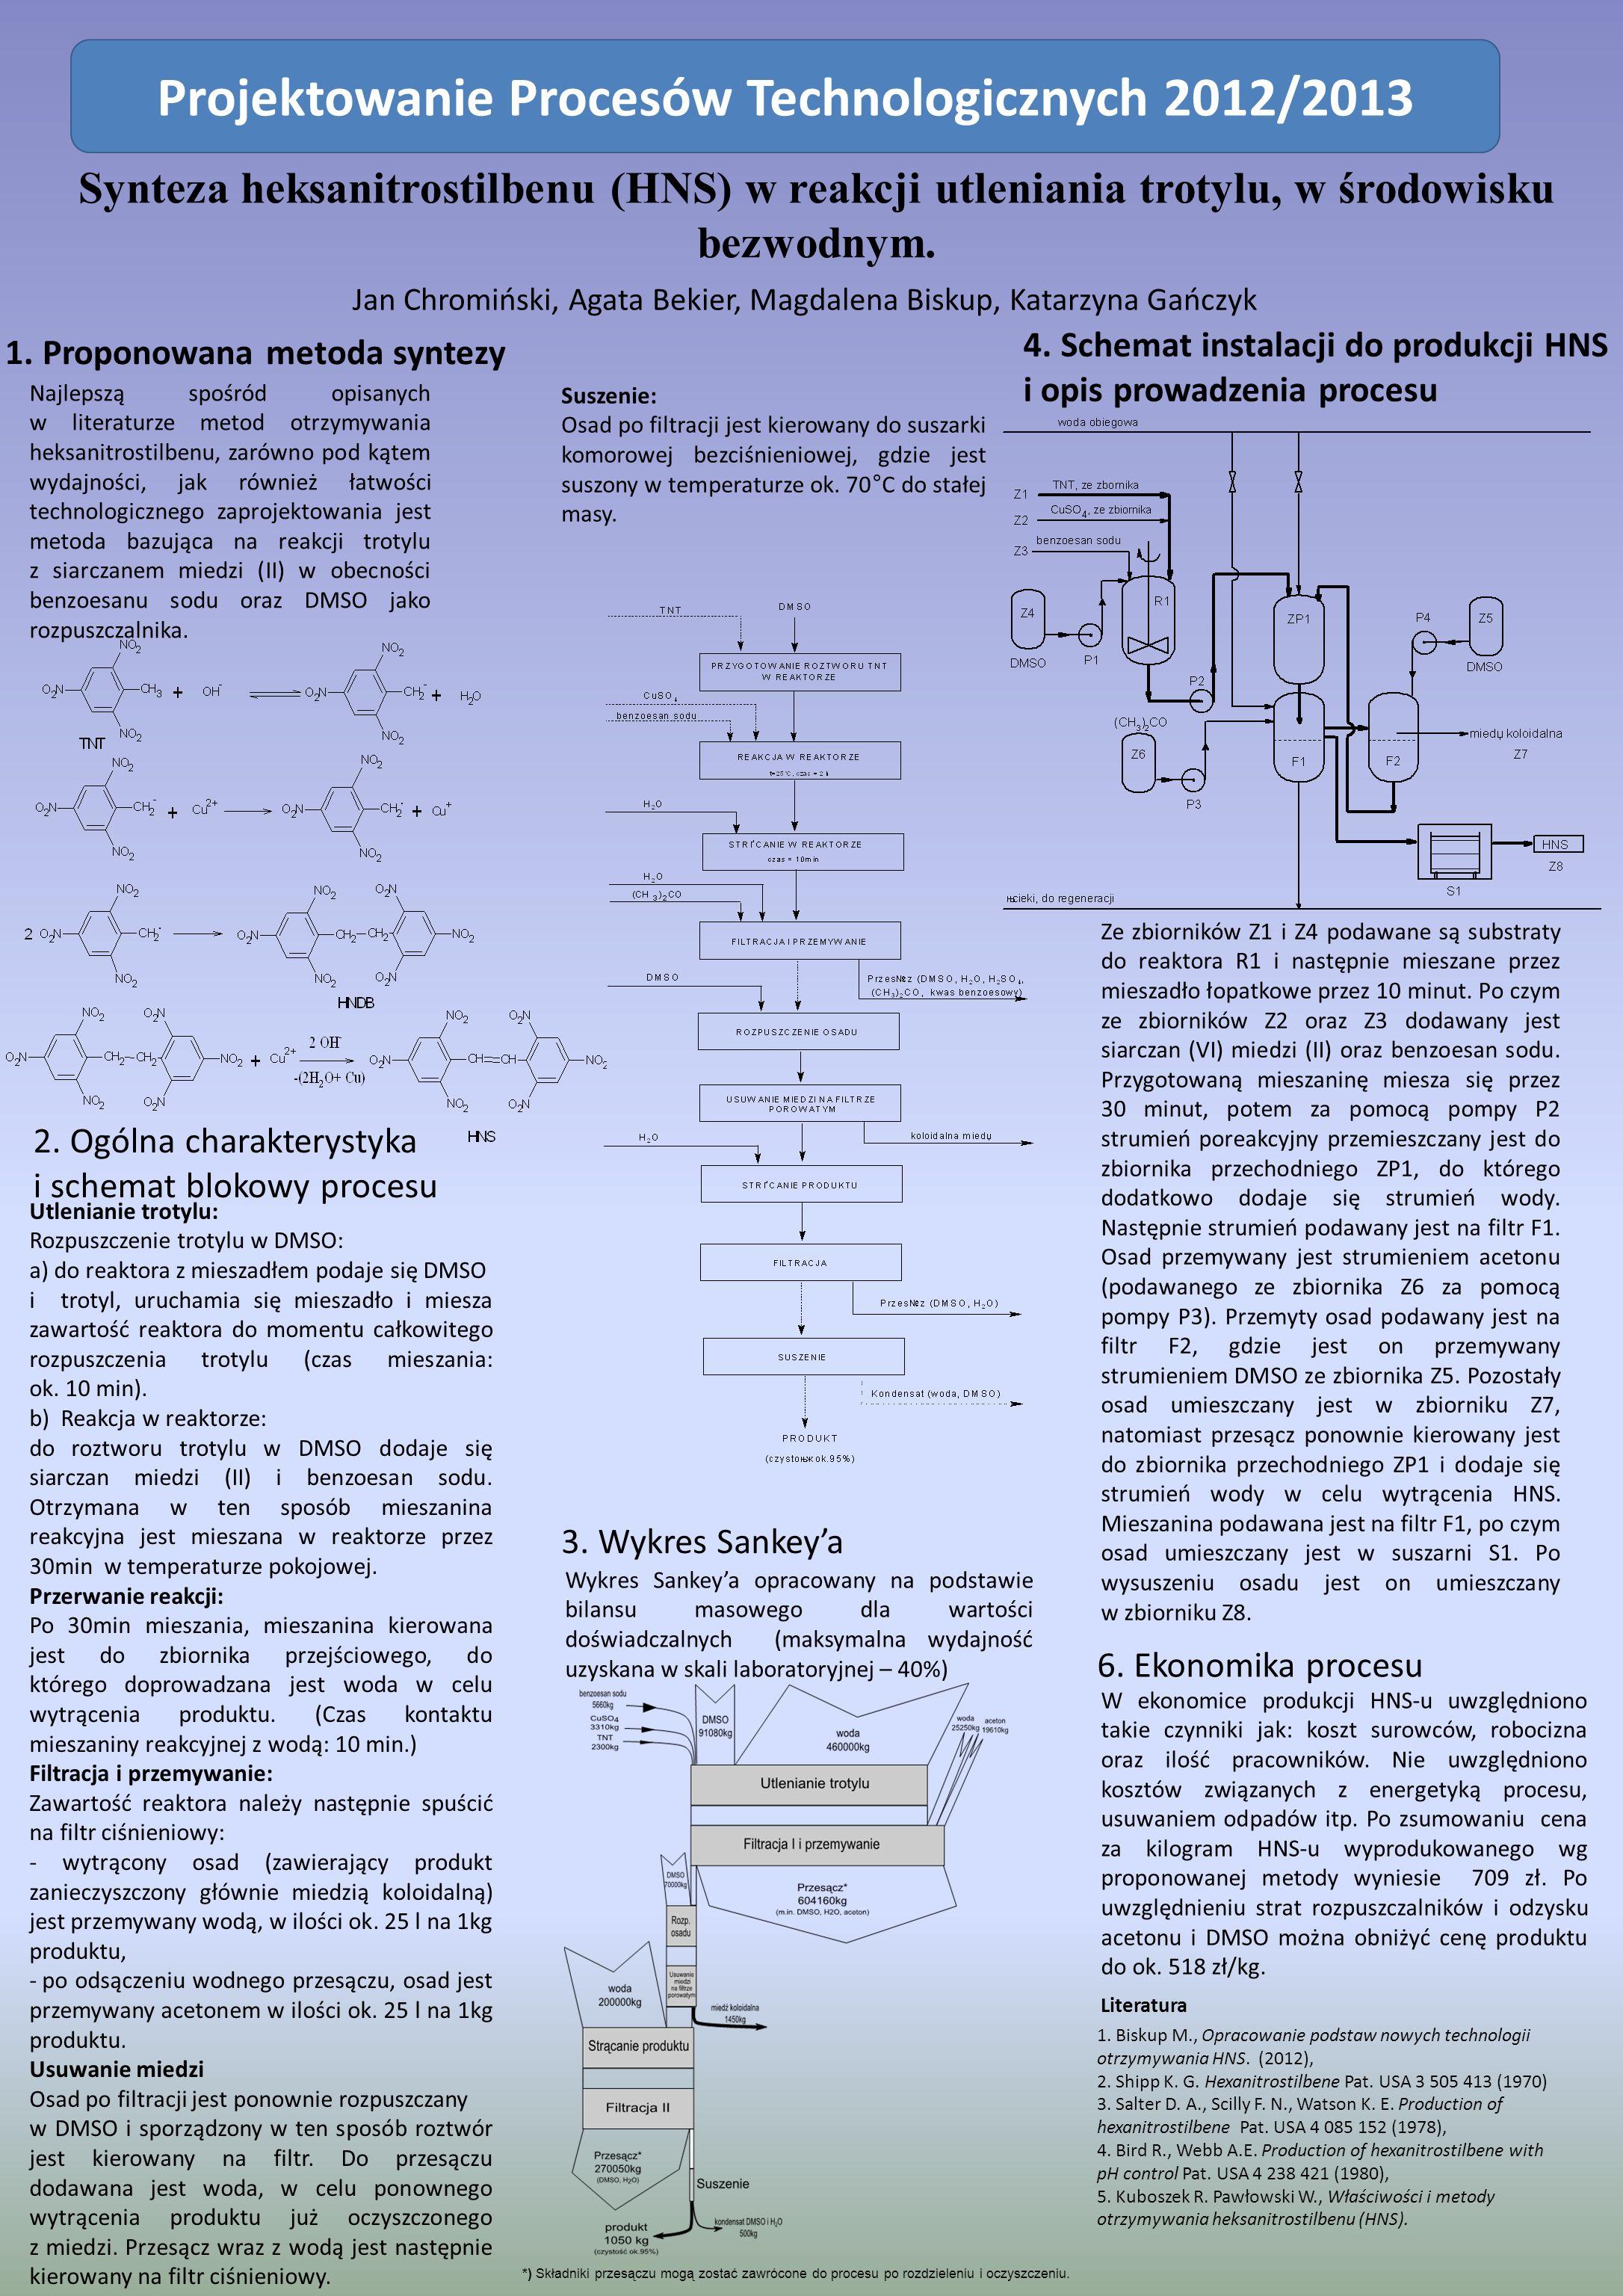 Projektowanie Procesów Technologicznych 2012/2013 Synteza heksanitrostilbenu (HNS) w reakcji utleniania trotylu, w środowisku bezwodnym.